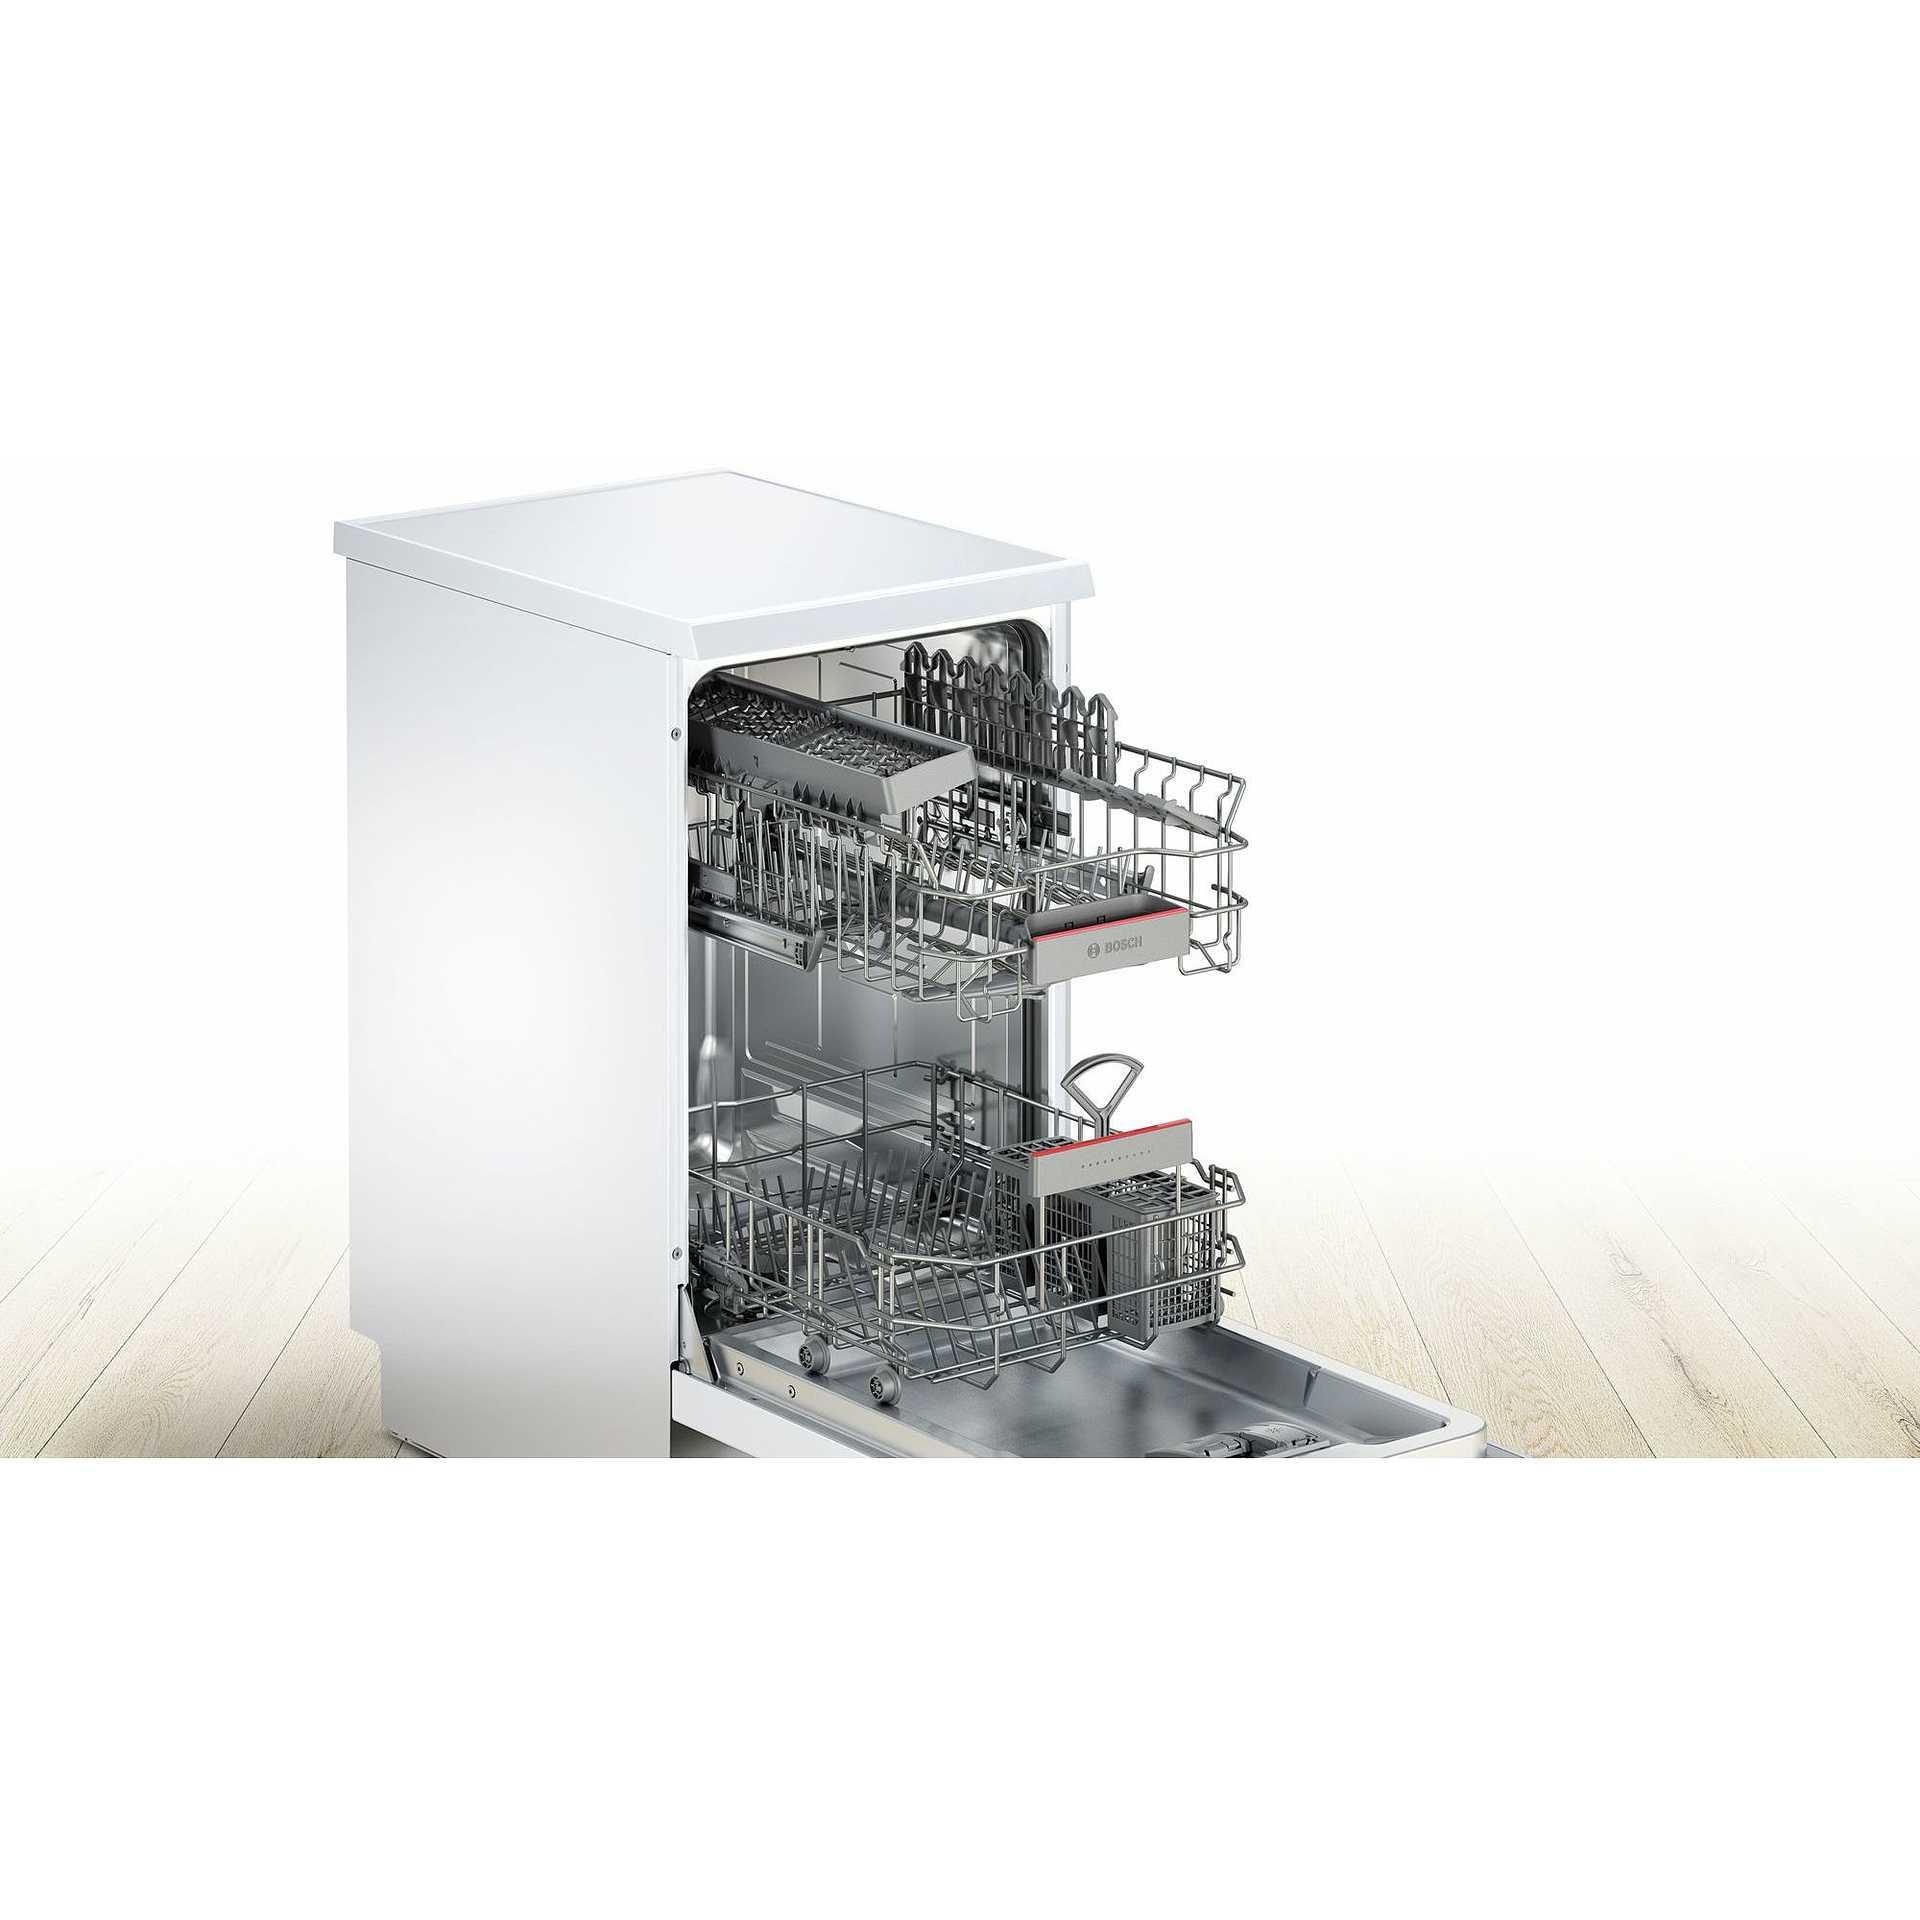 Bosch sps46iw07e lavastoviglie 45 cm 9 coperti 6 programmi for Lavastoviglie 9 coperti